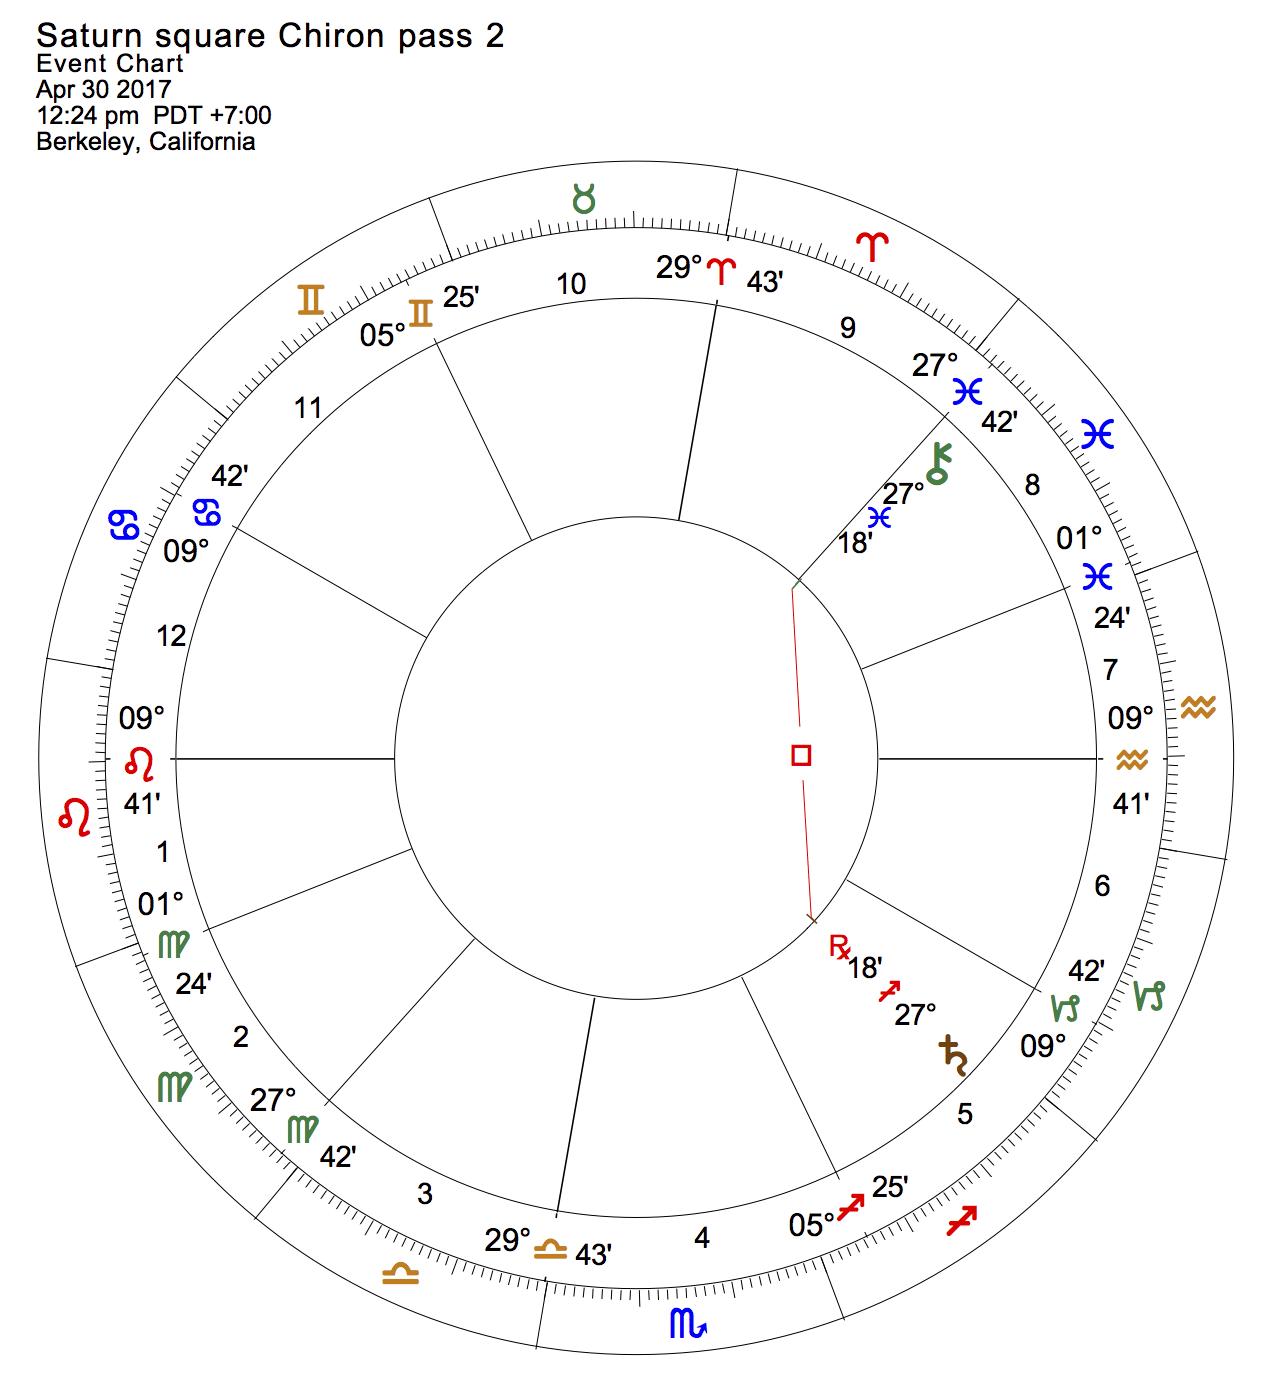 Saturn square Chiron pass 2